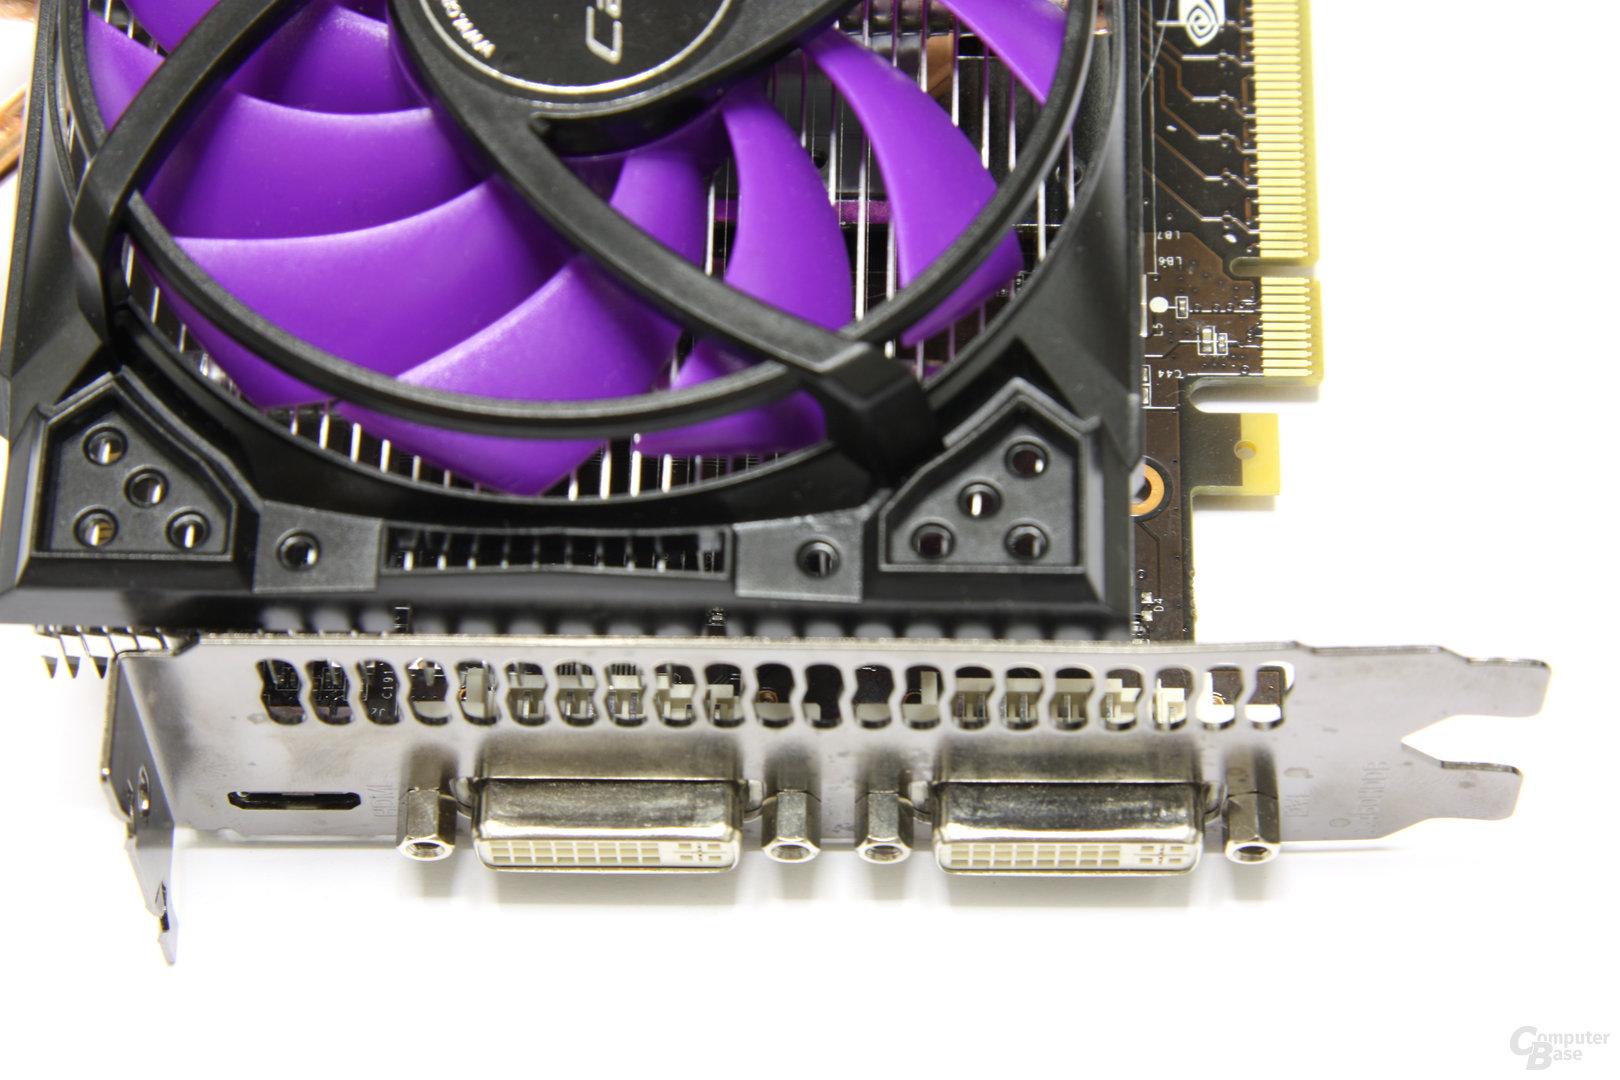 Calibre GTX 560 Super OC Anschlüsse